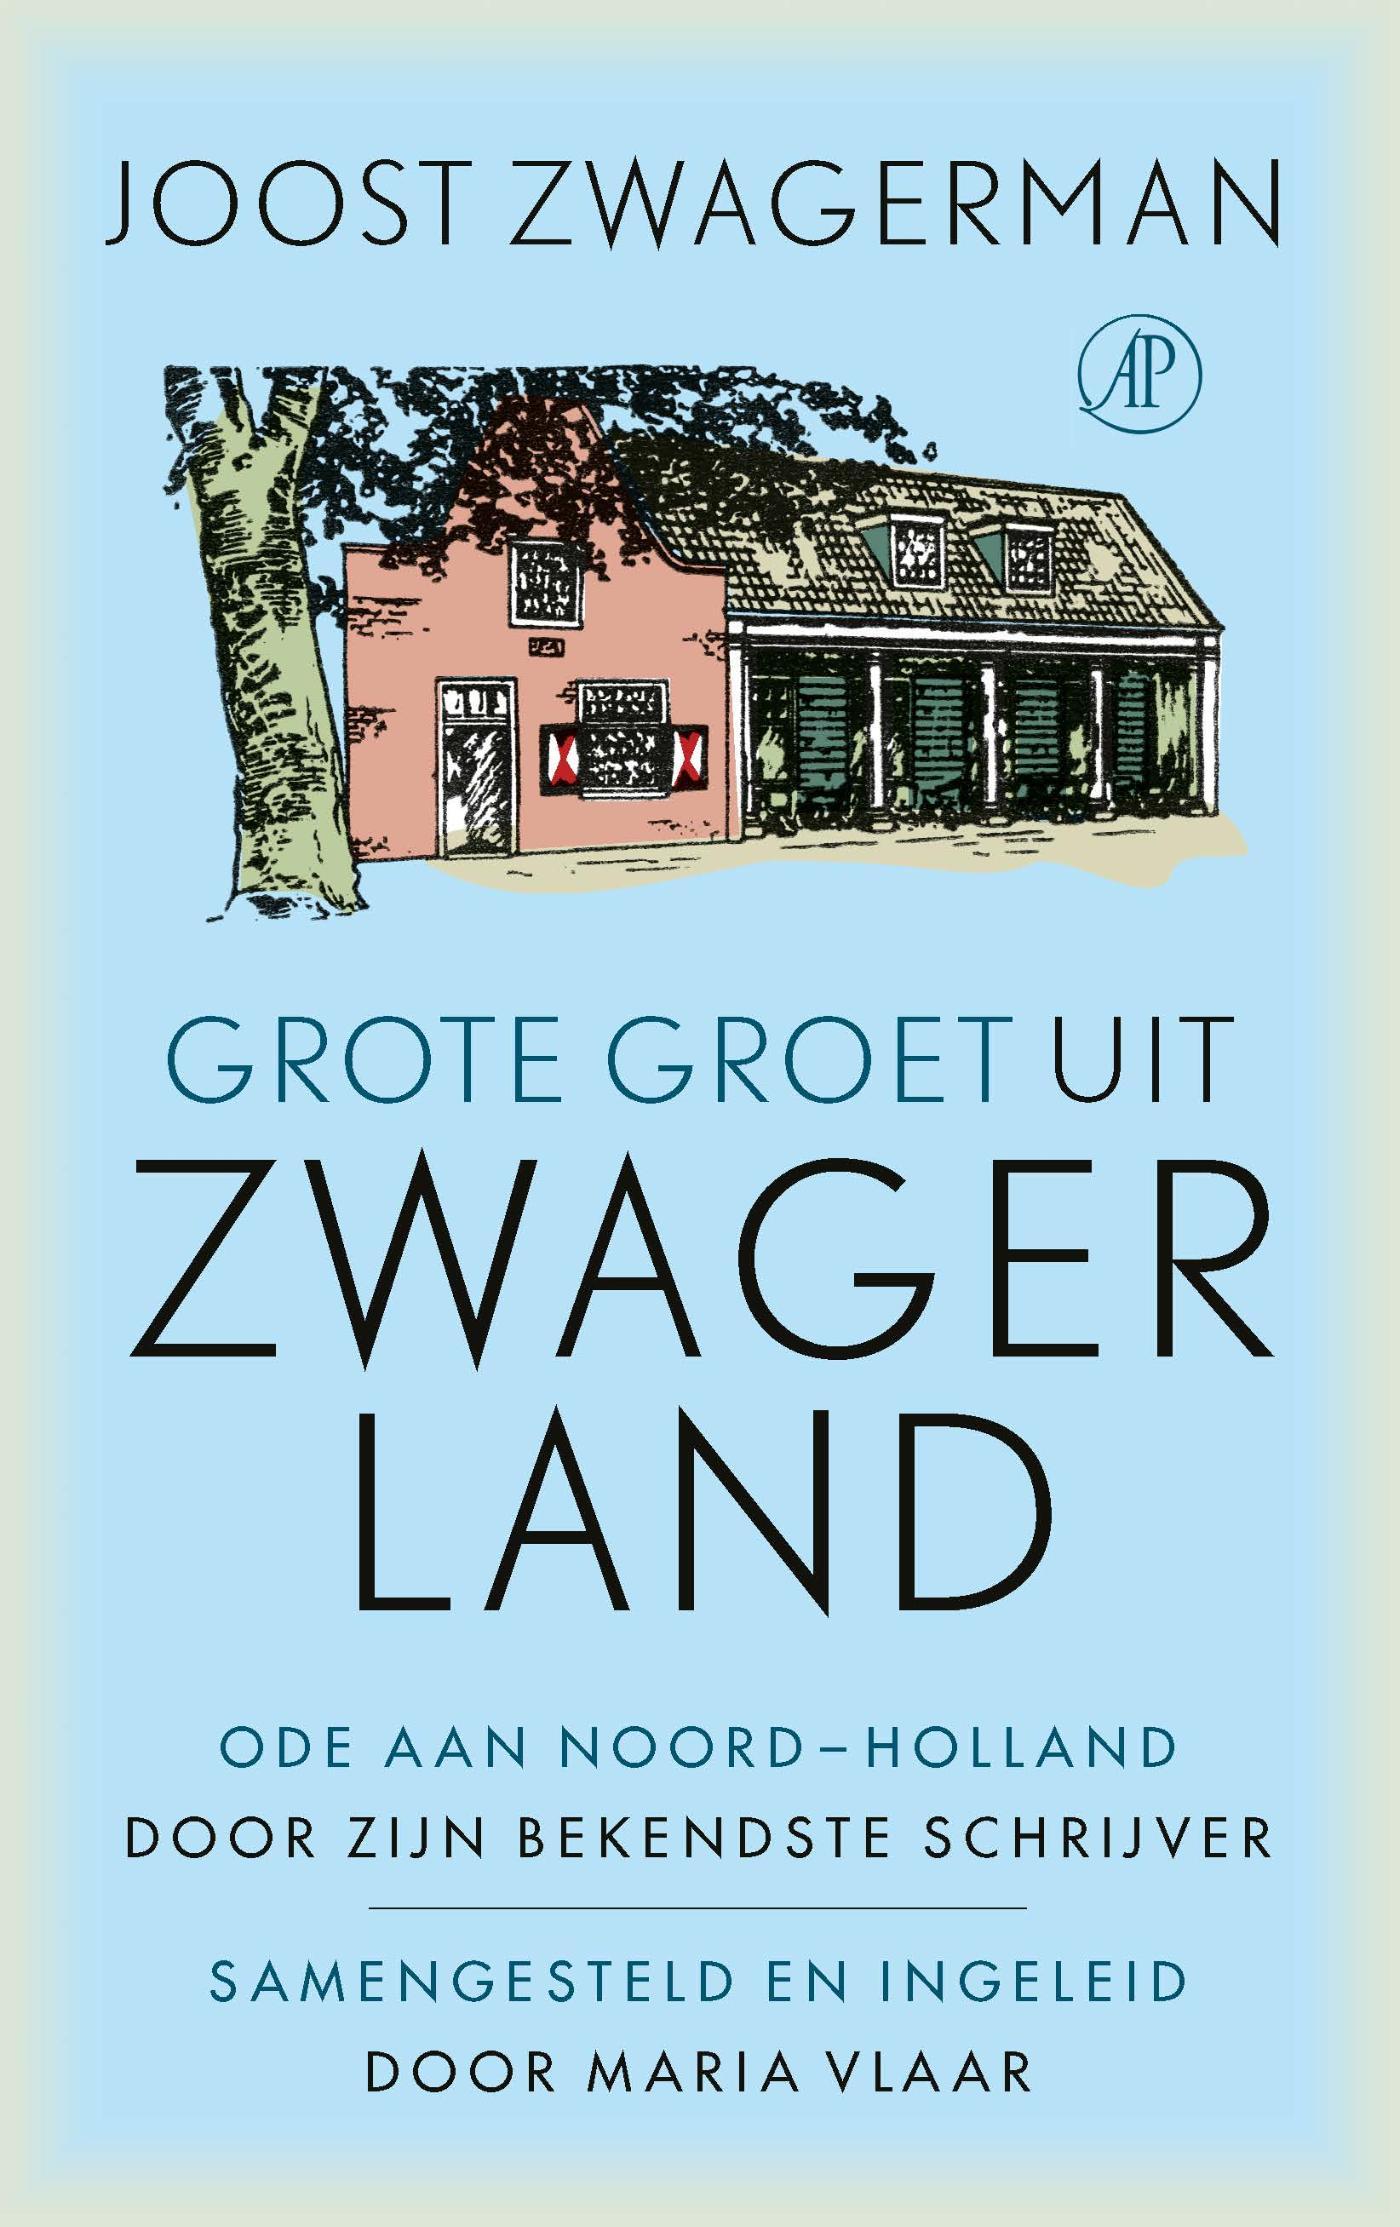 Boek De Buitenvrouw Geschreven Door Joost Zwagerman